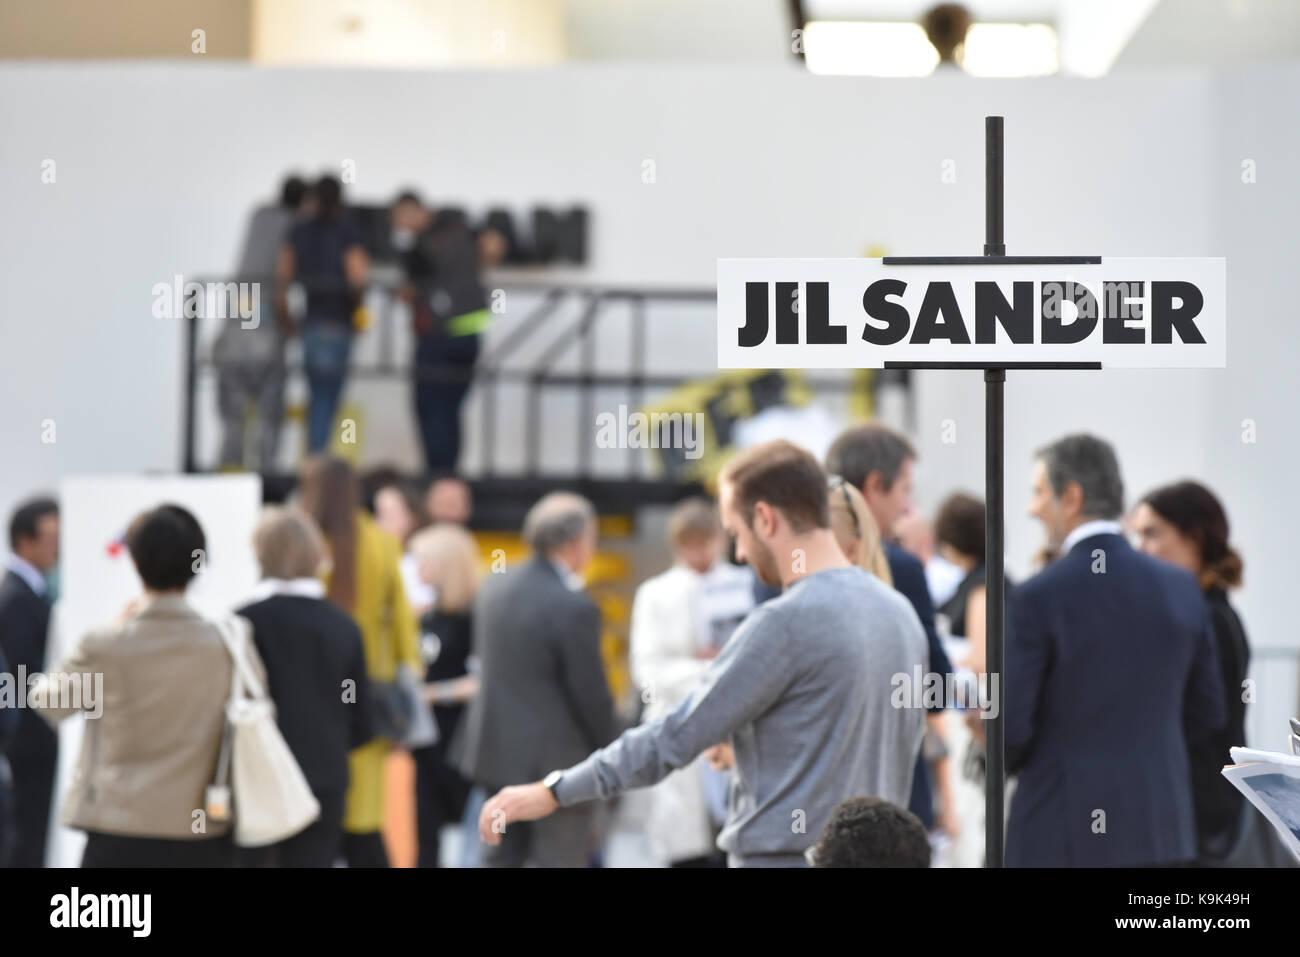 Milan, Italy. 23rd September, 2017,  Fashionable people attending Jil Sander fashion show during Milan Fashion Week - Stock Image